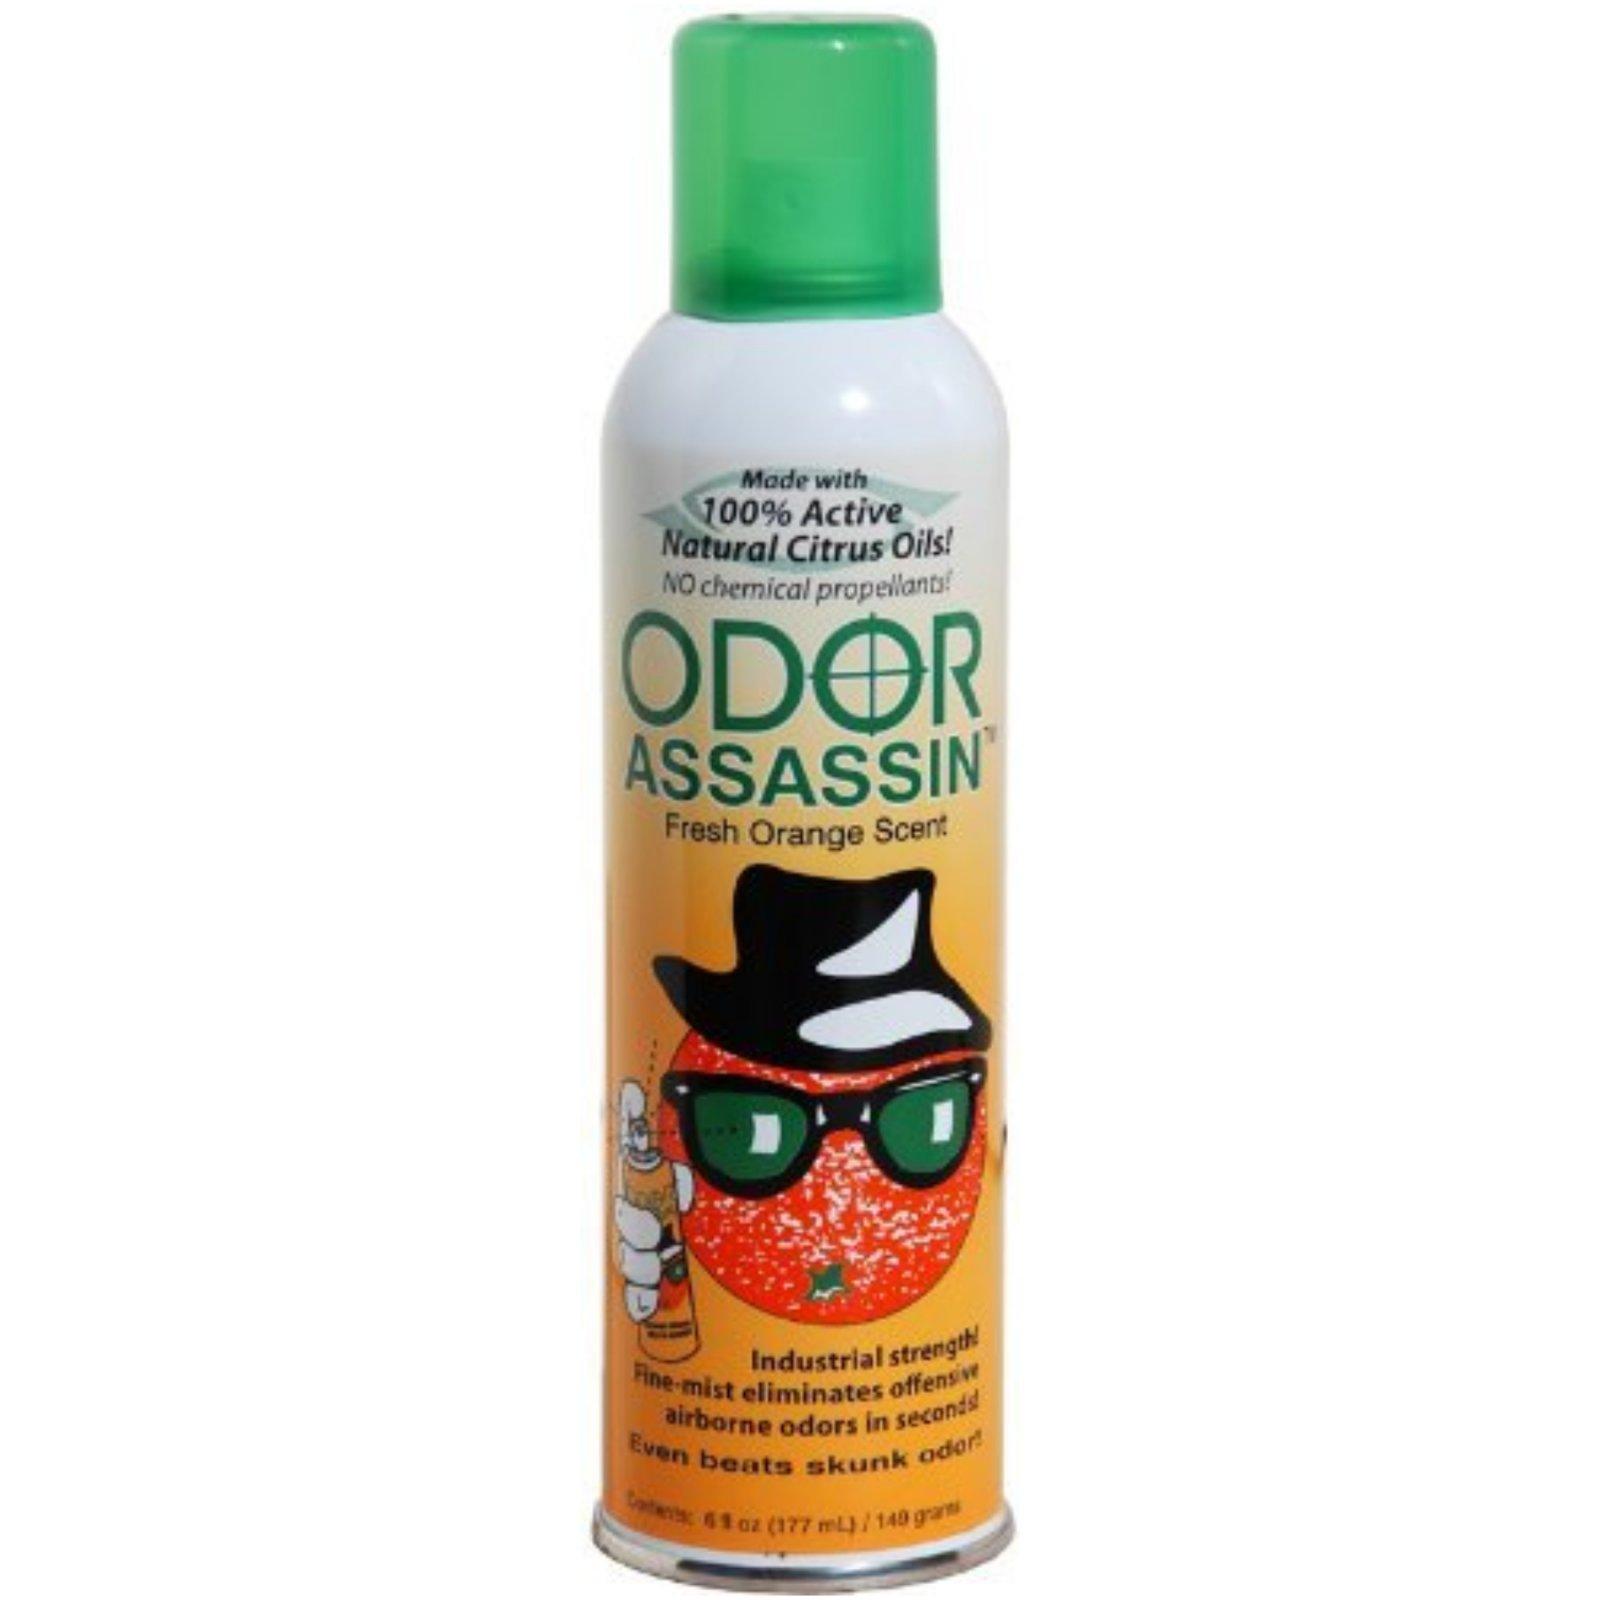 ODOR ASSASSIN - Fresh Orange